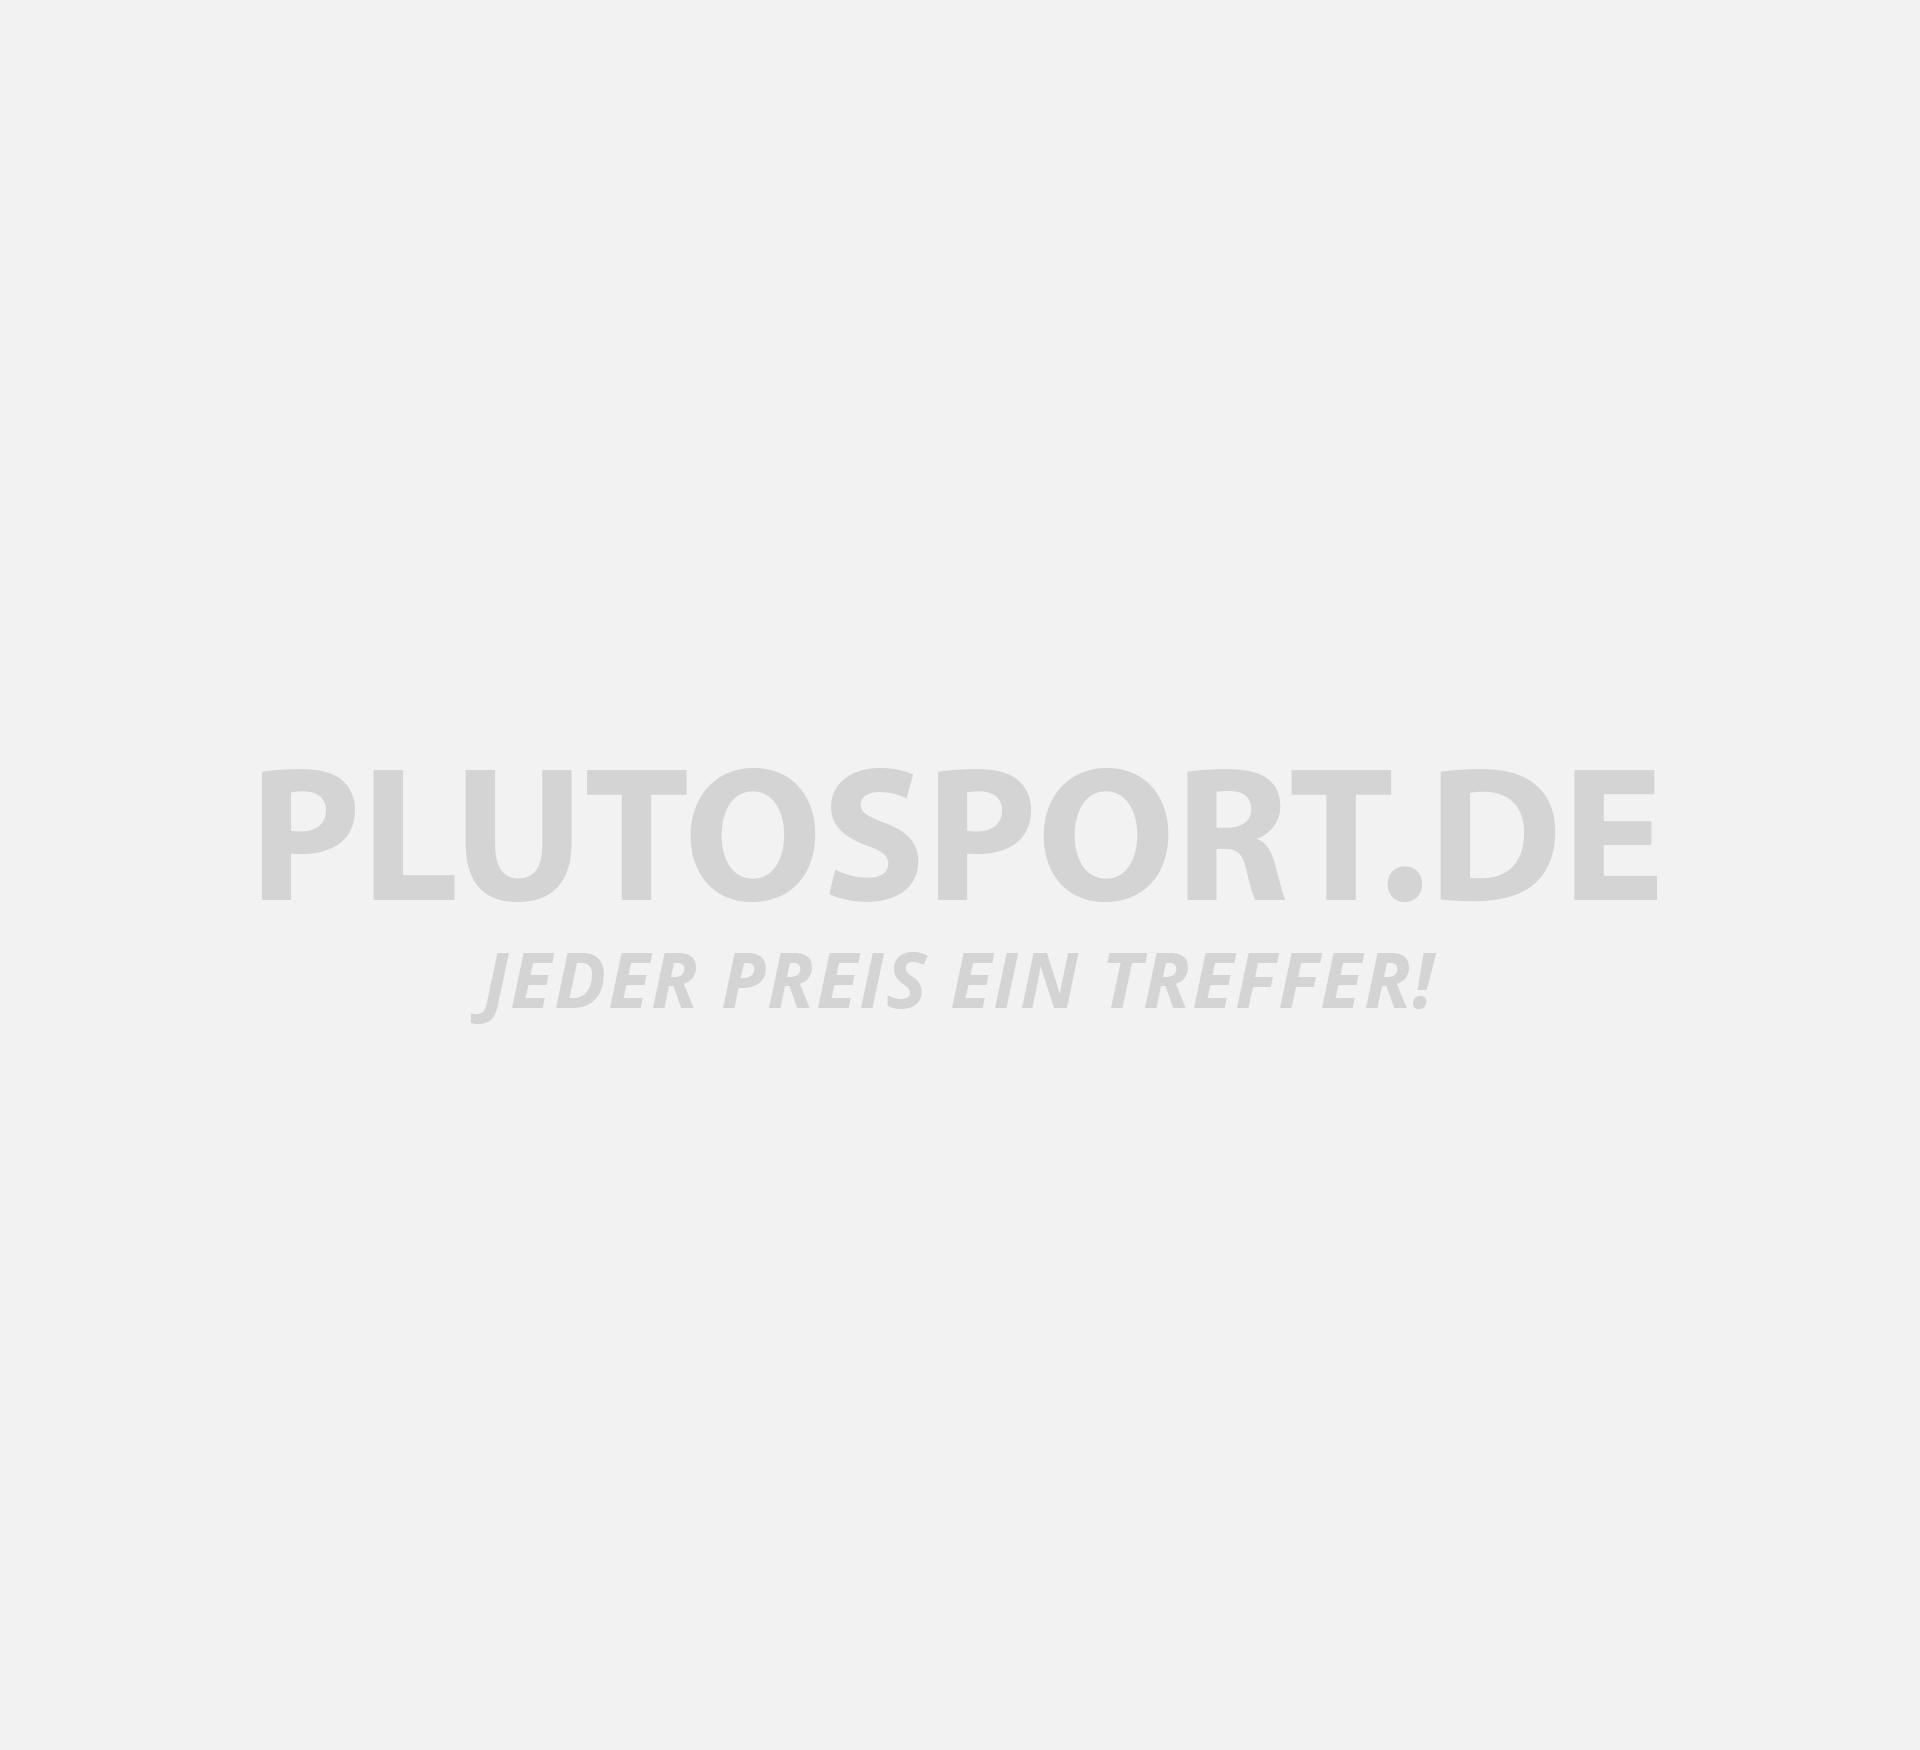 5e5d23316a767 Converse Poly Cross Body Bag - Schultertaschen - Taschen - Freizeit ...